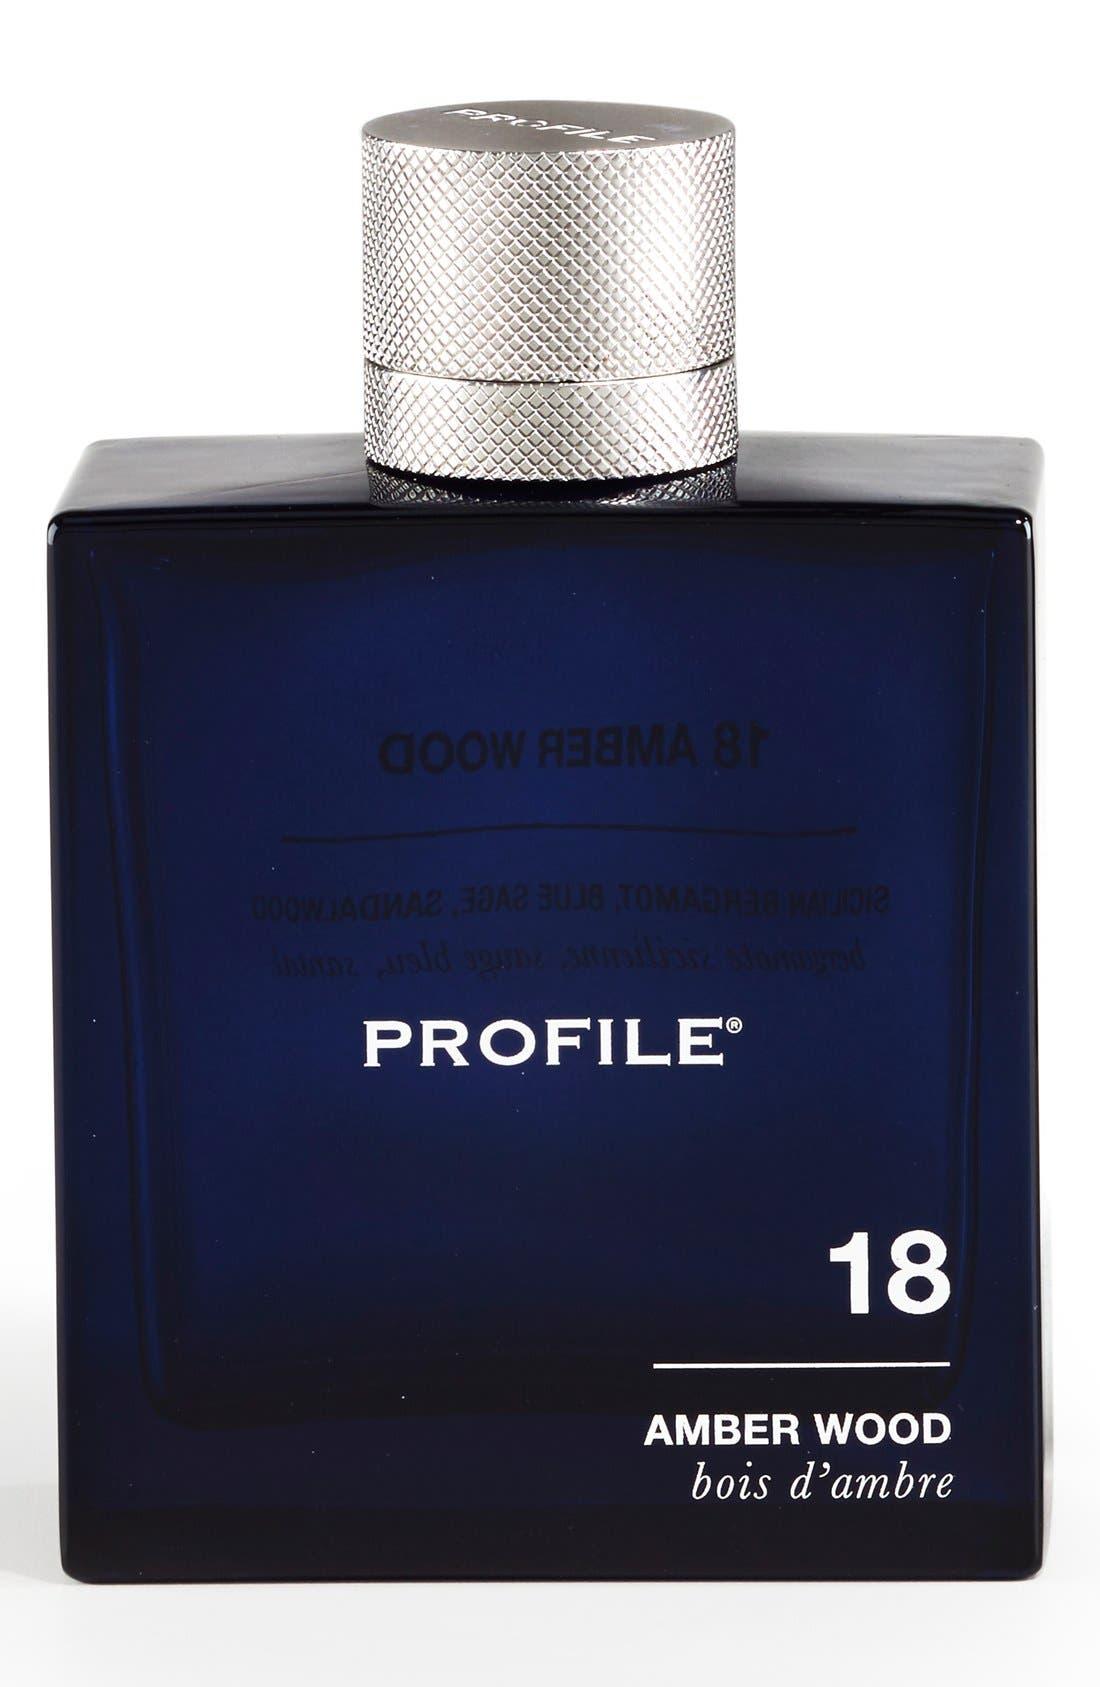 '18 Amber Wood' Eau de Parfum,                             Main thumbnail 1, color,                             NO COLOR